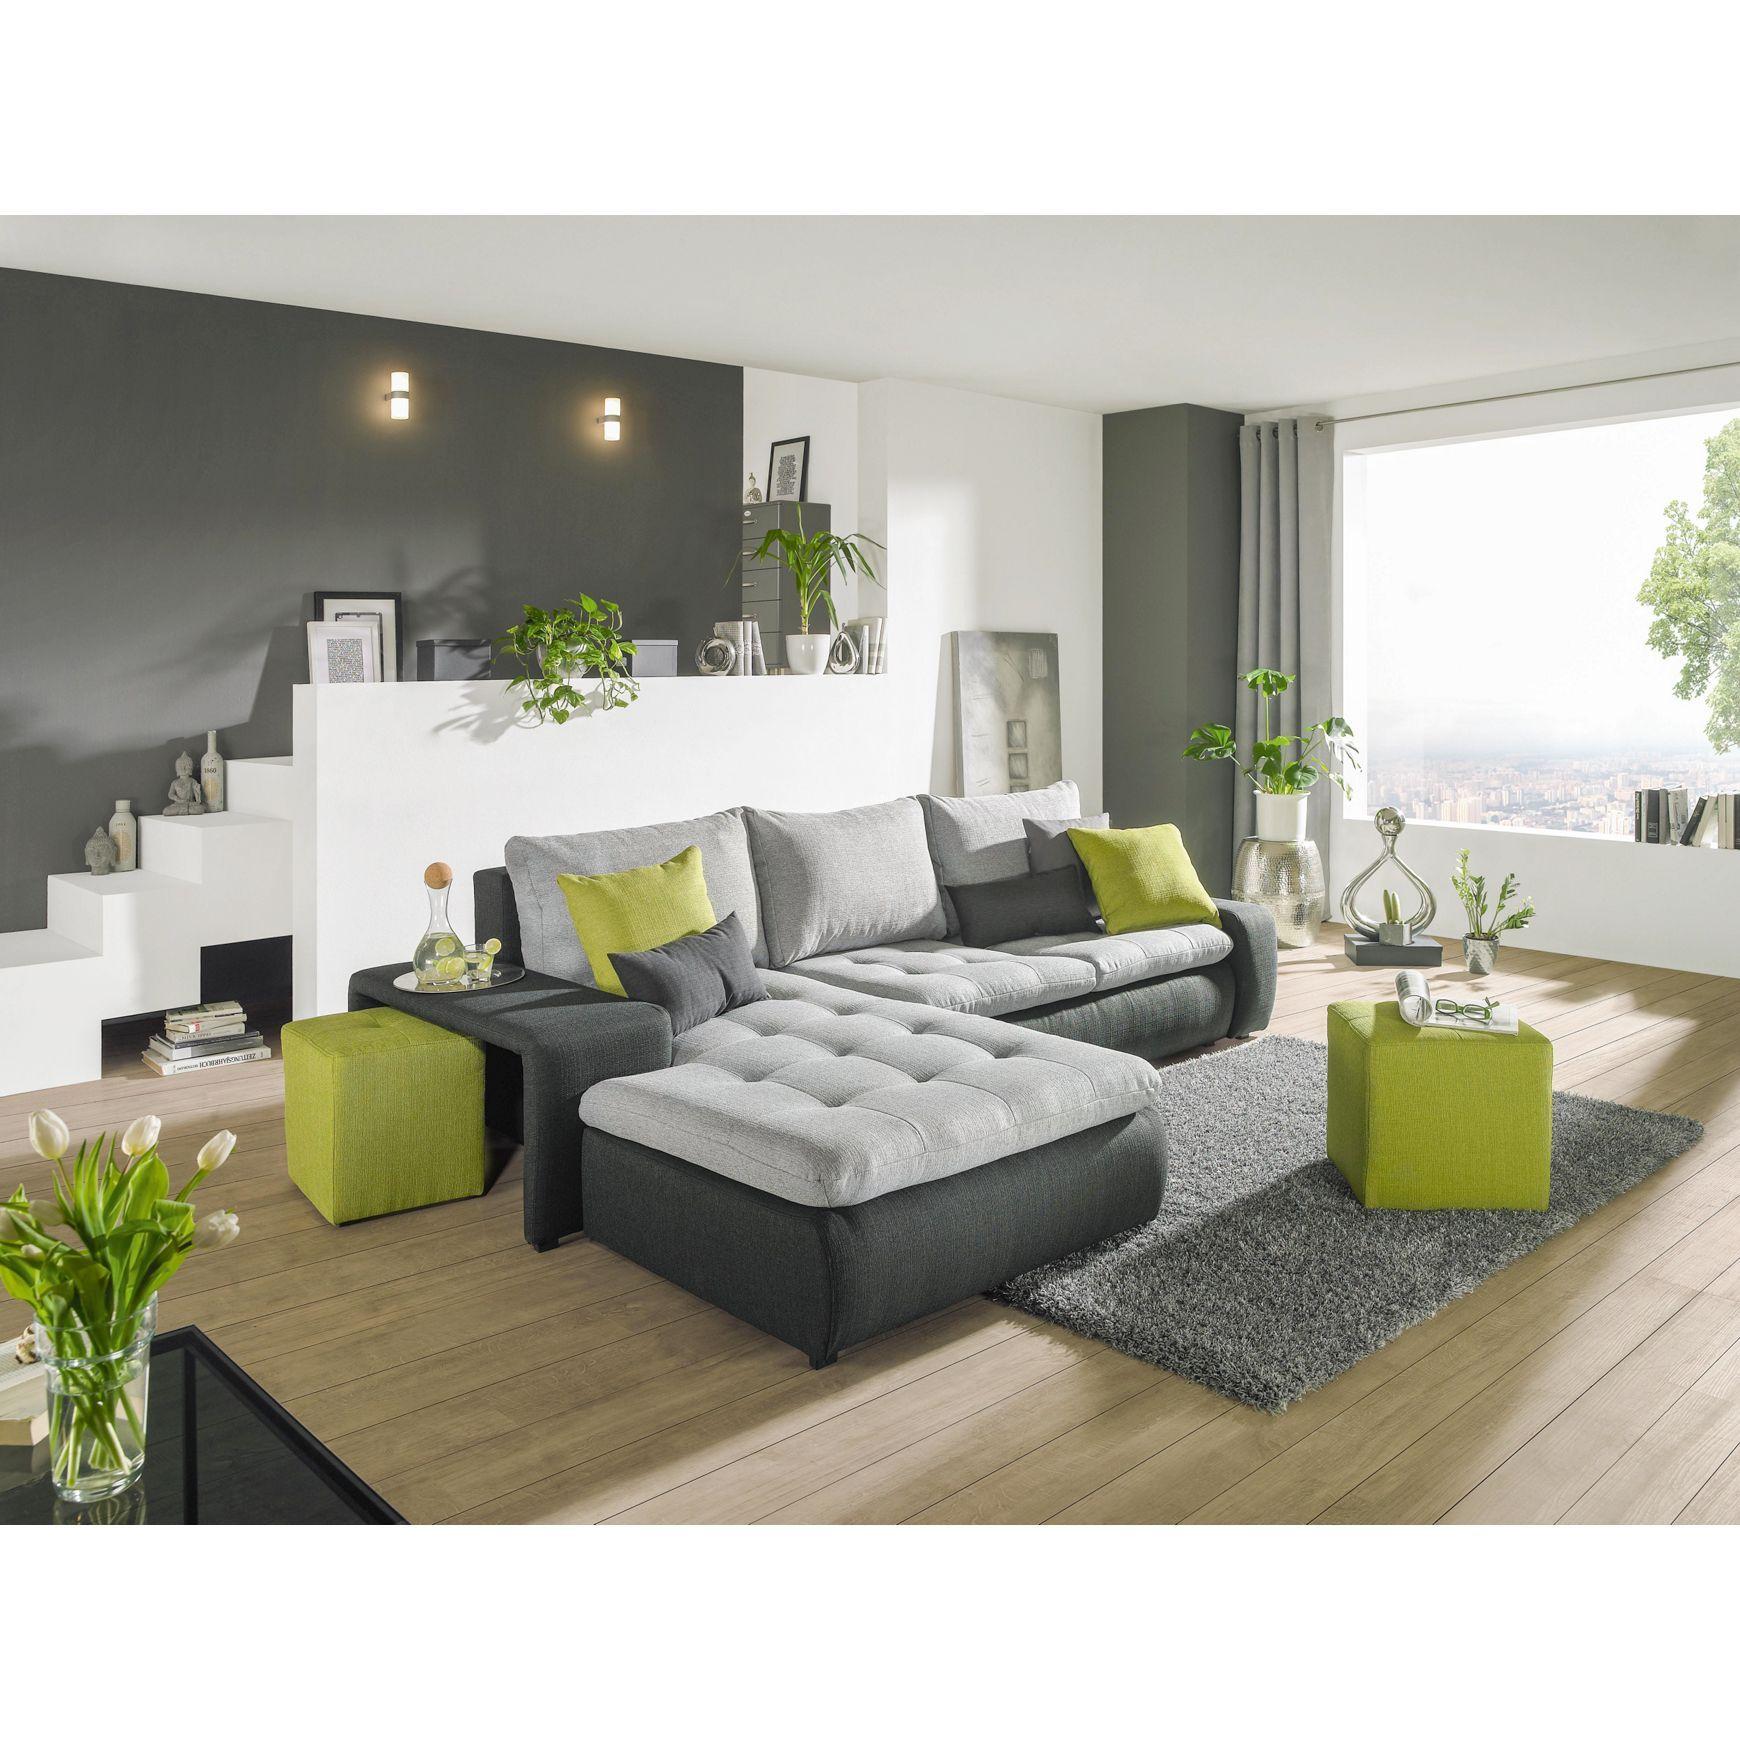 die besten 25 wohnlandschaft mit schlaffunktion ideen auf pinterest couch mit schlaffunktion. Black Bedroom Furniture Sets. Home Design Ideas